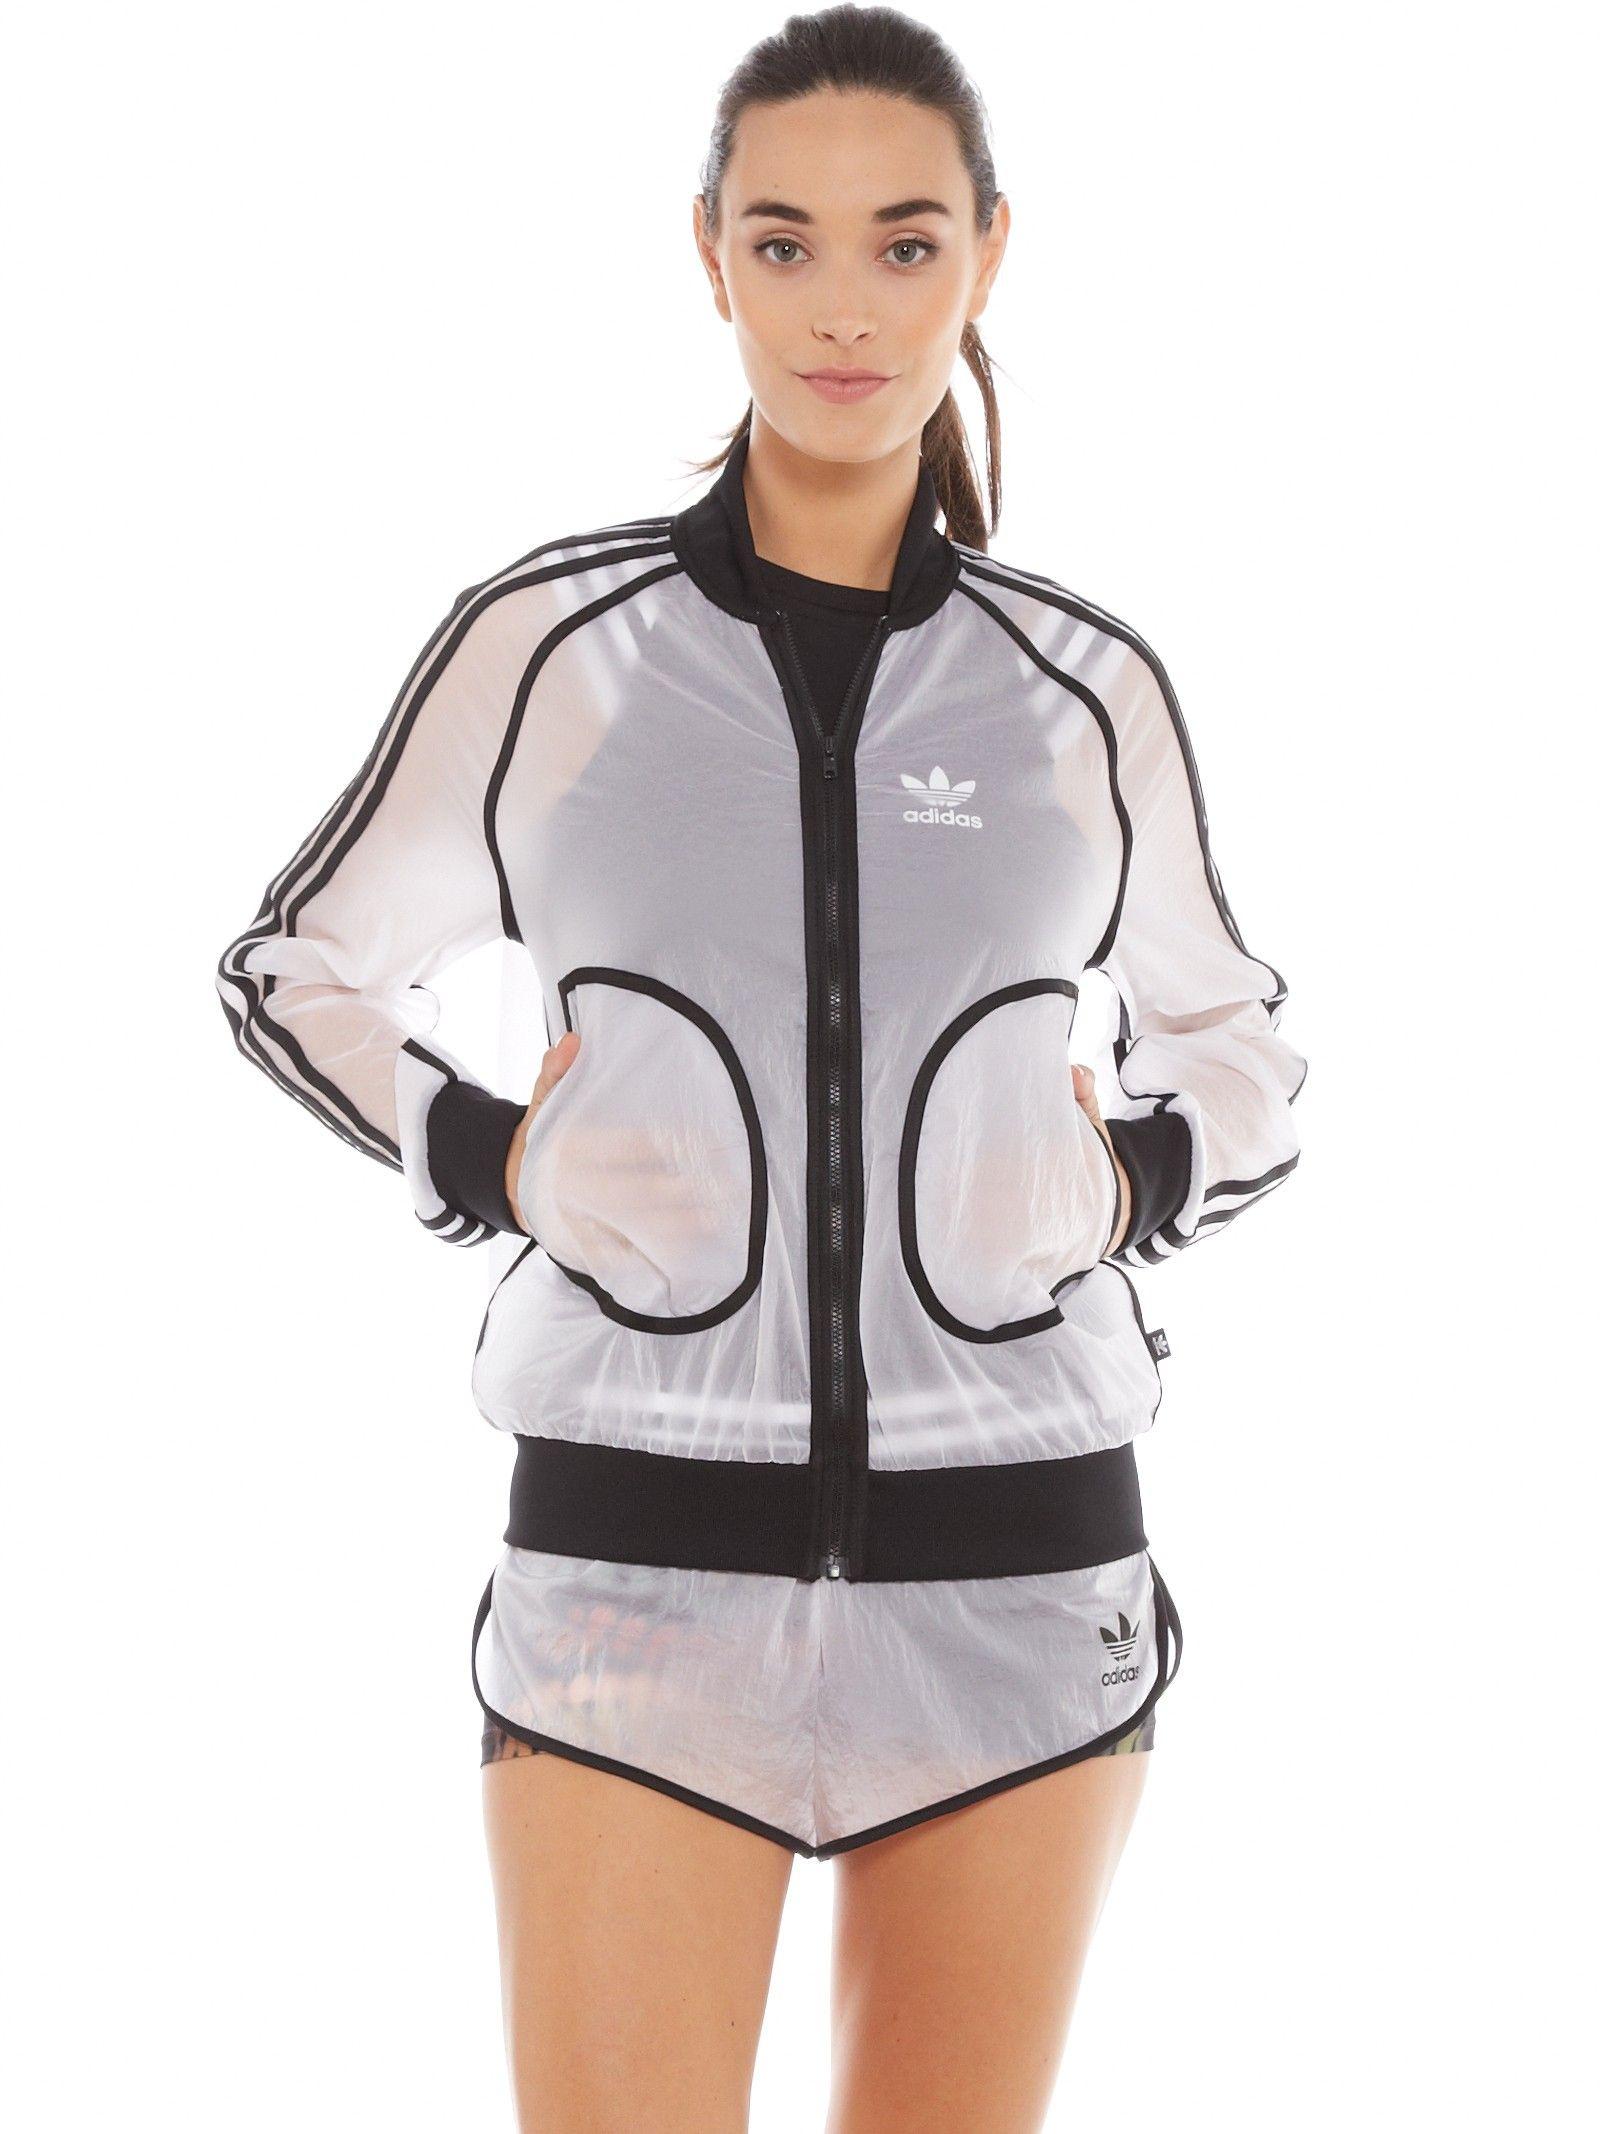 Rita Ora X Adidas Originals Transparent Shorts in White